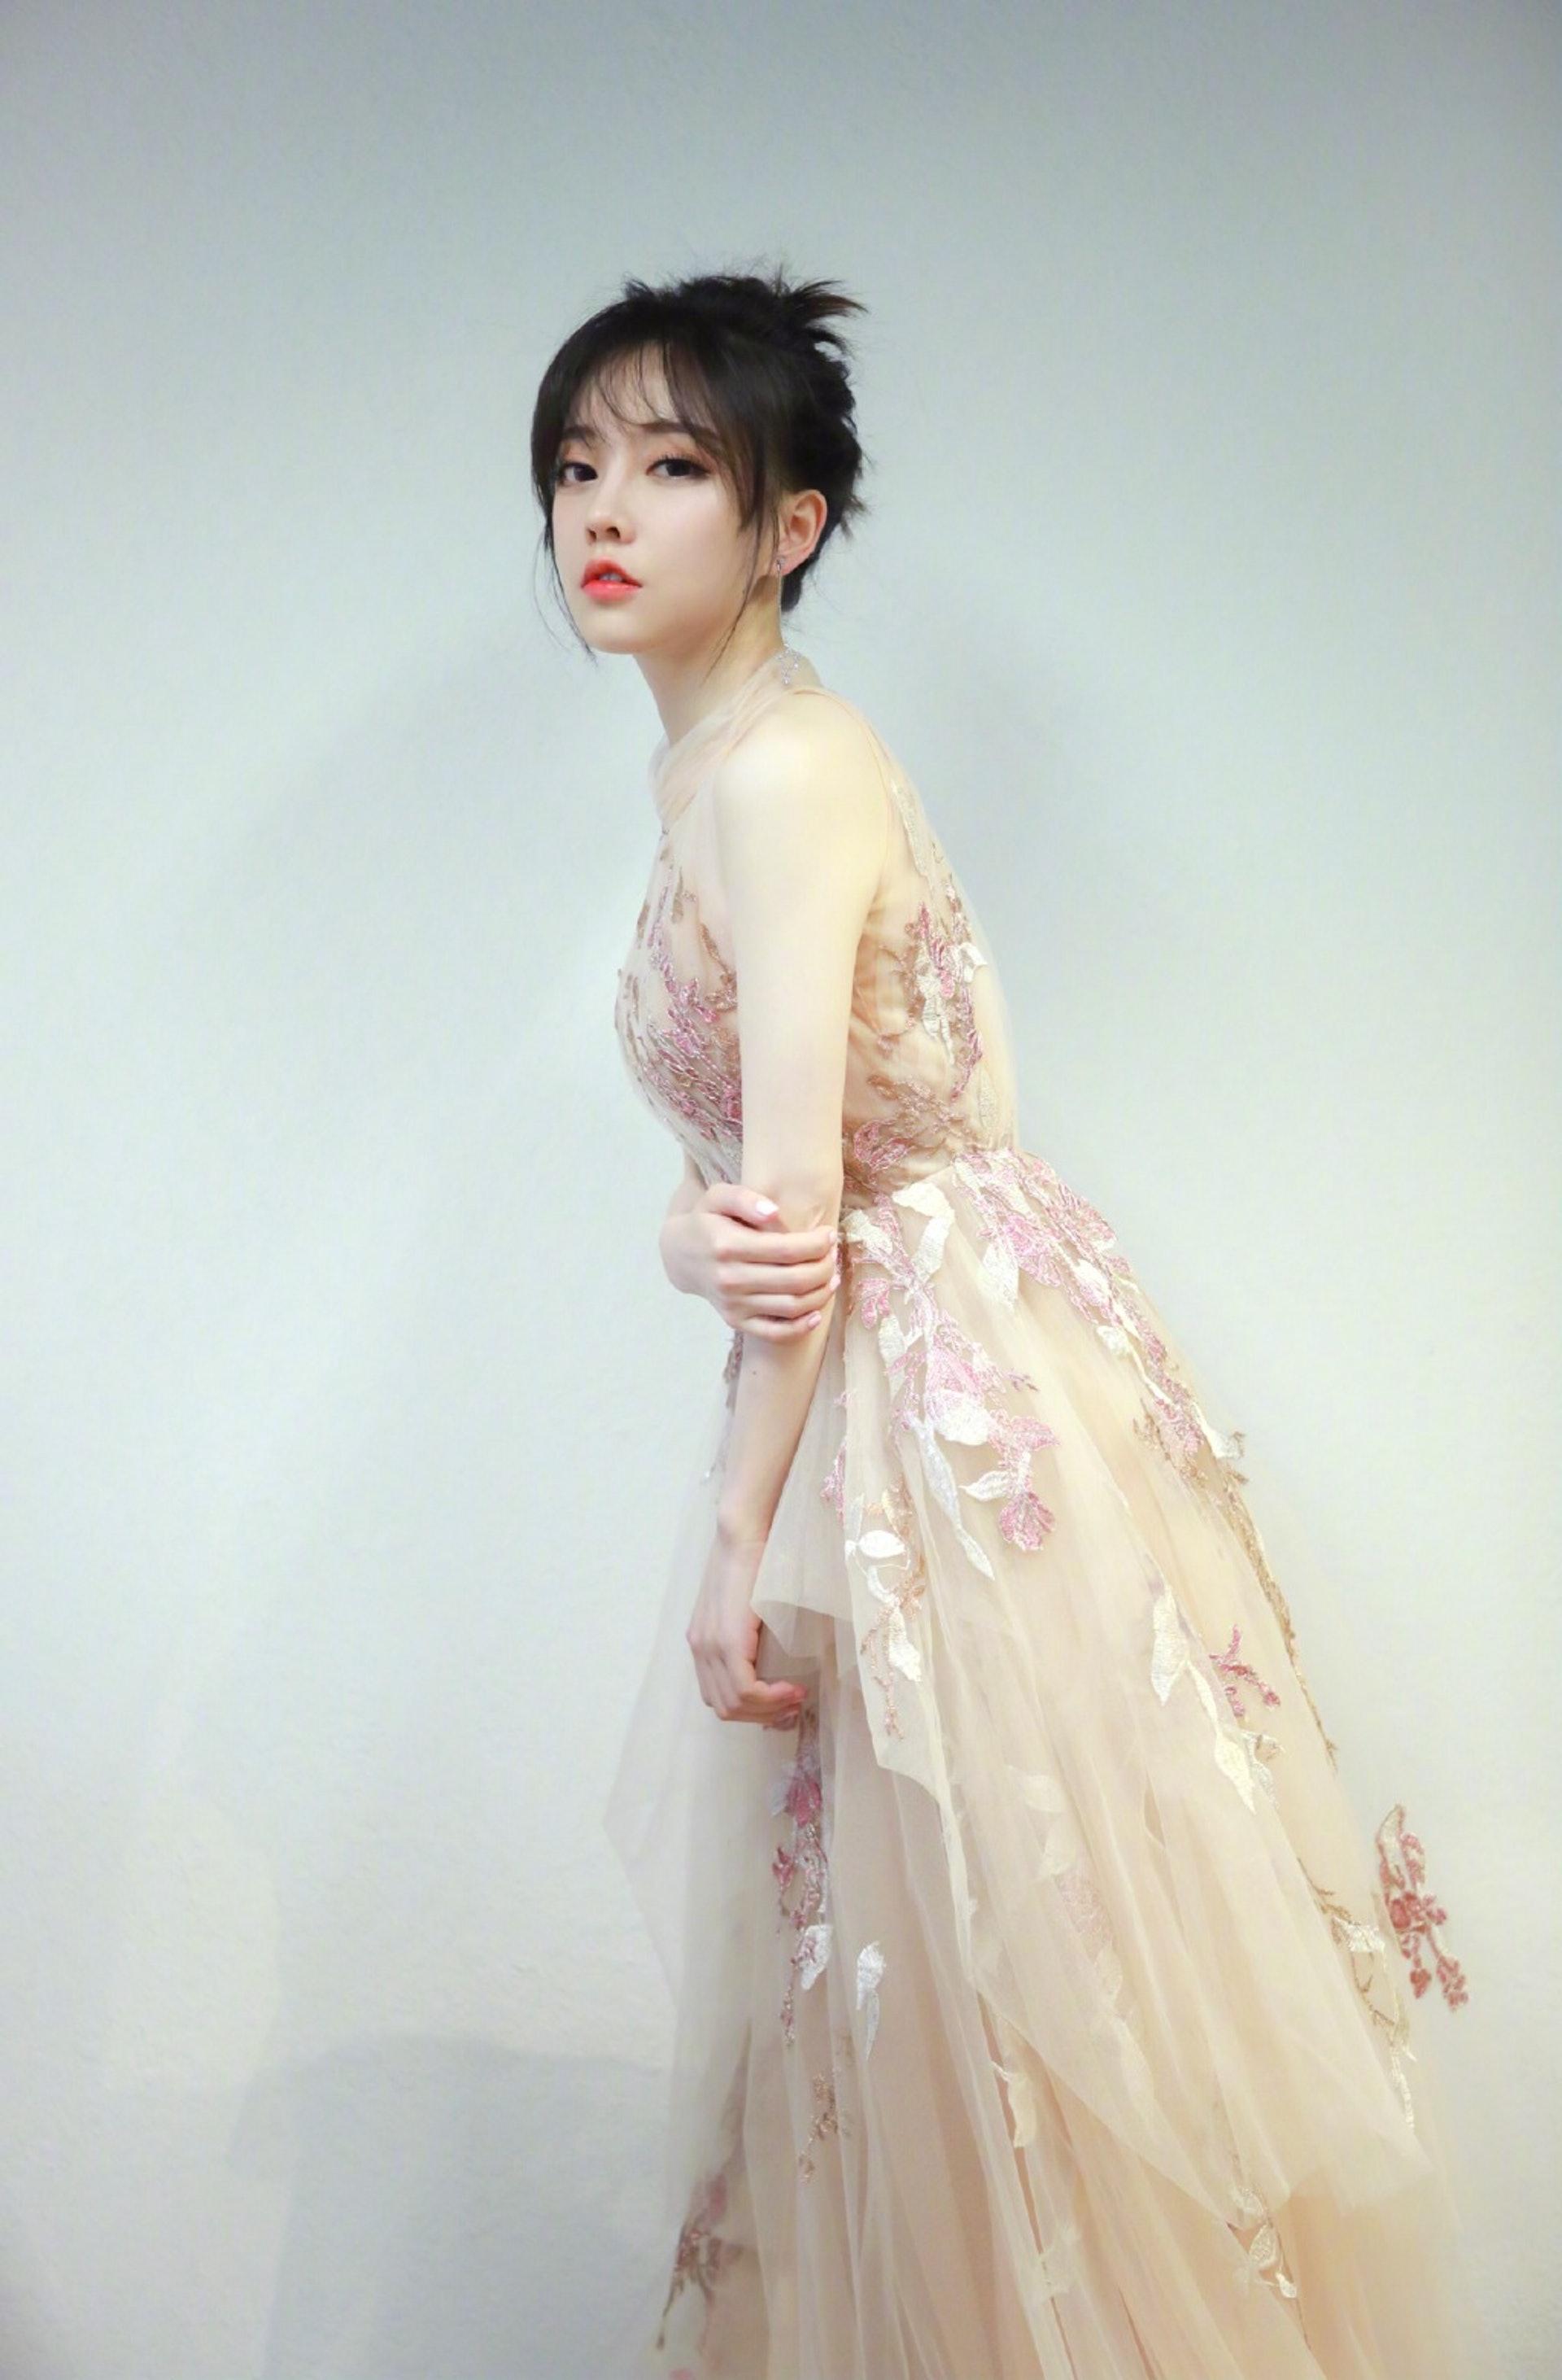 「中國第一網紅」馮提莫轉戰樂壇 微露性感獲大讚:好美, 網路正妹美女分享